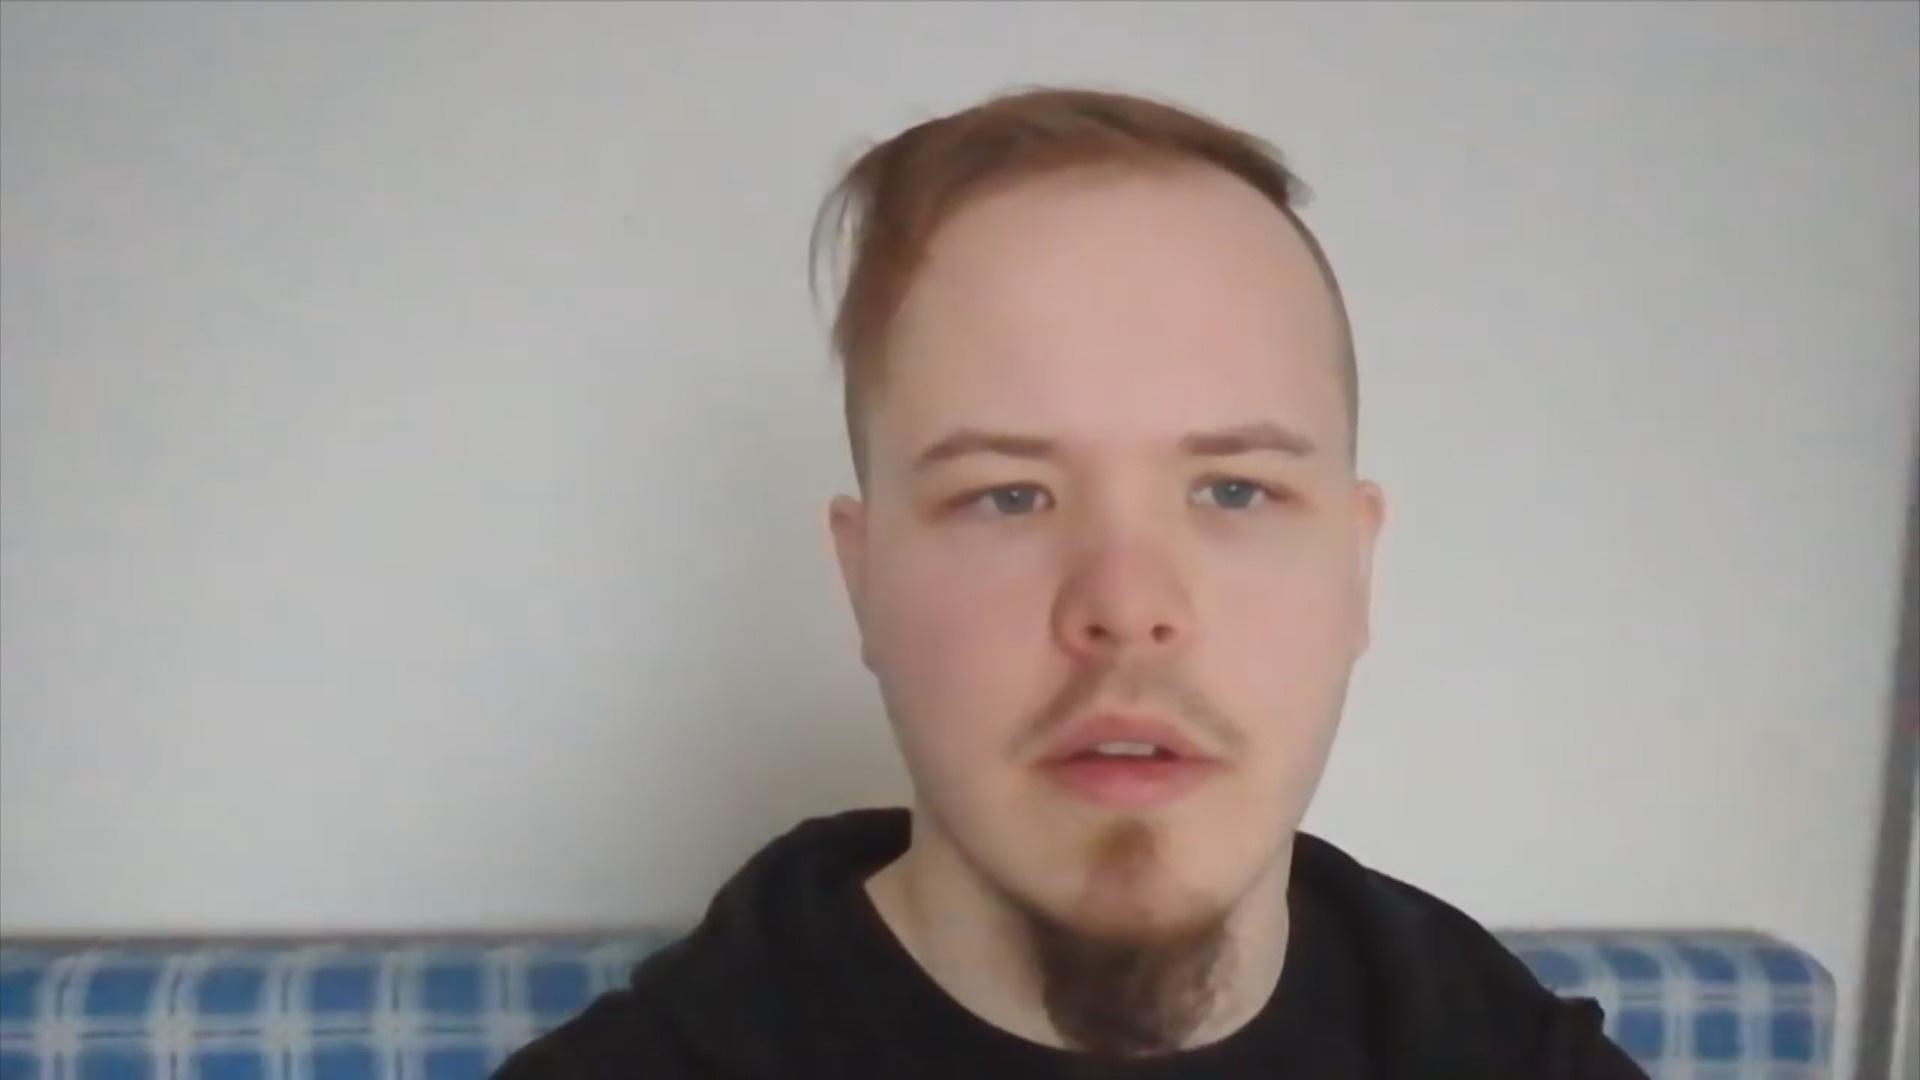 Vanhin homo porno